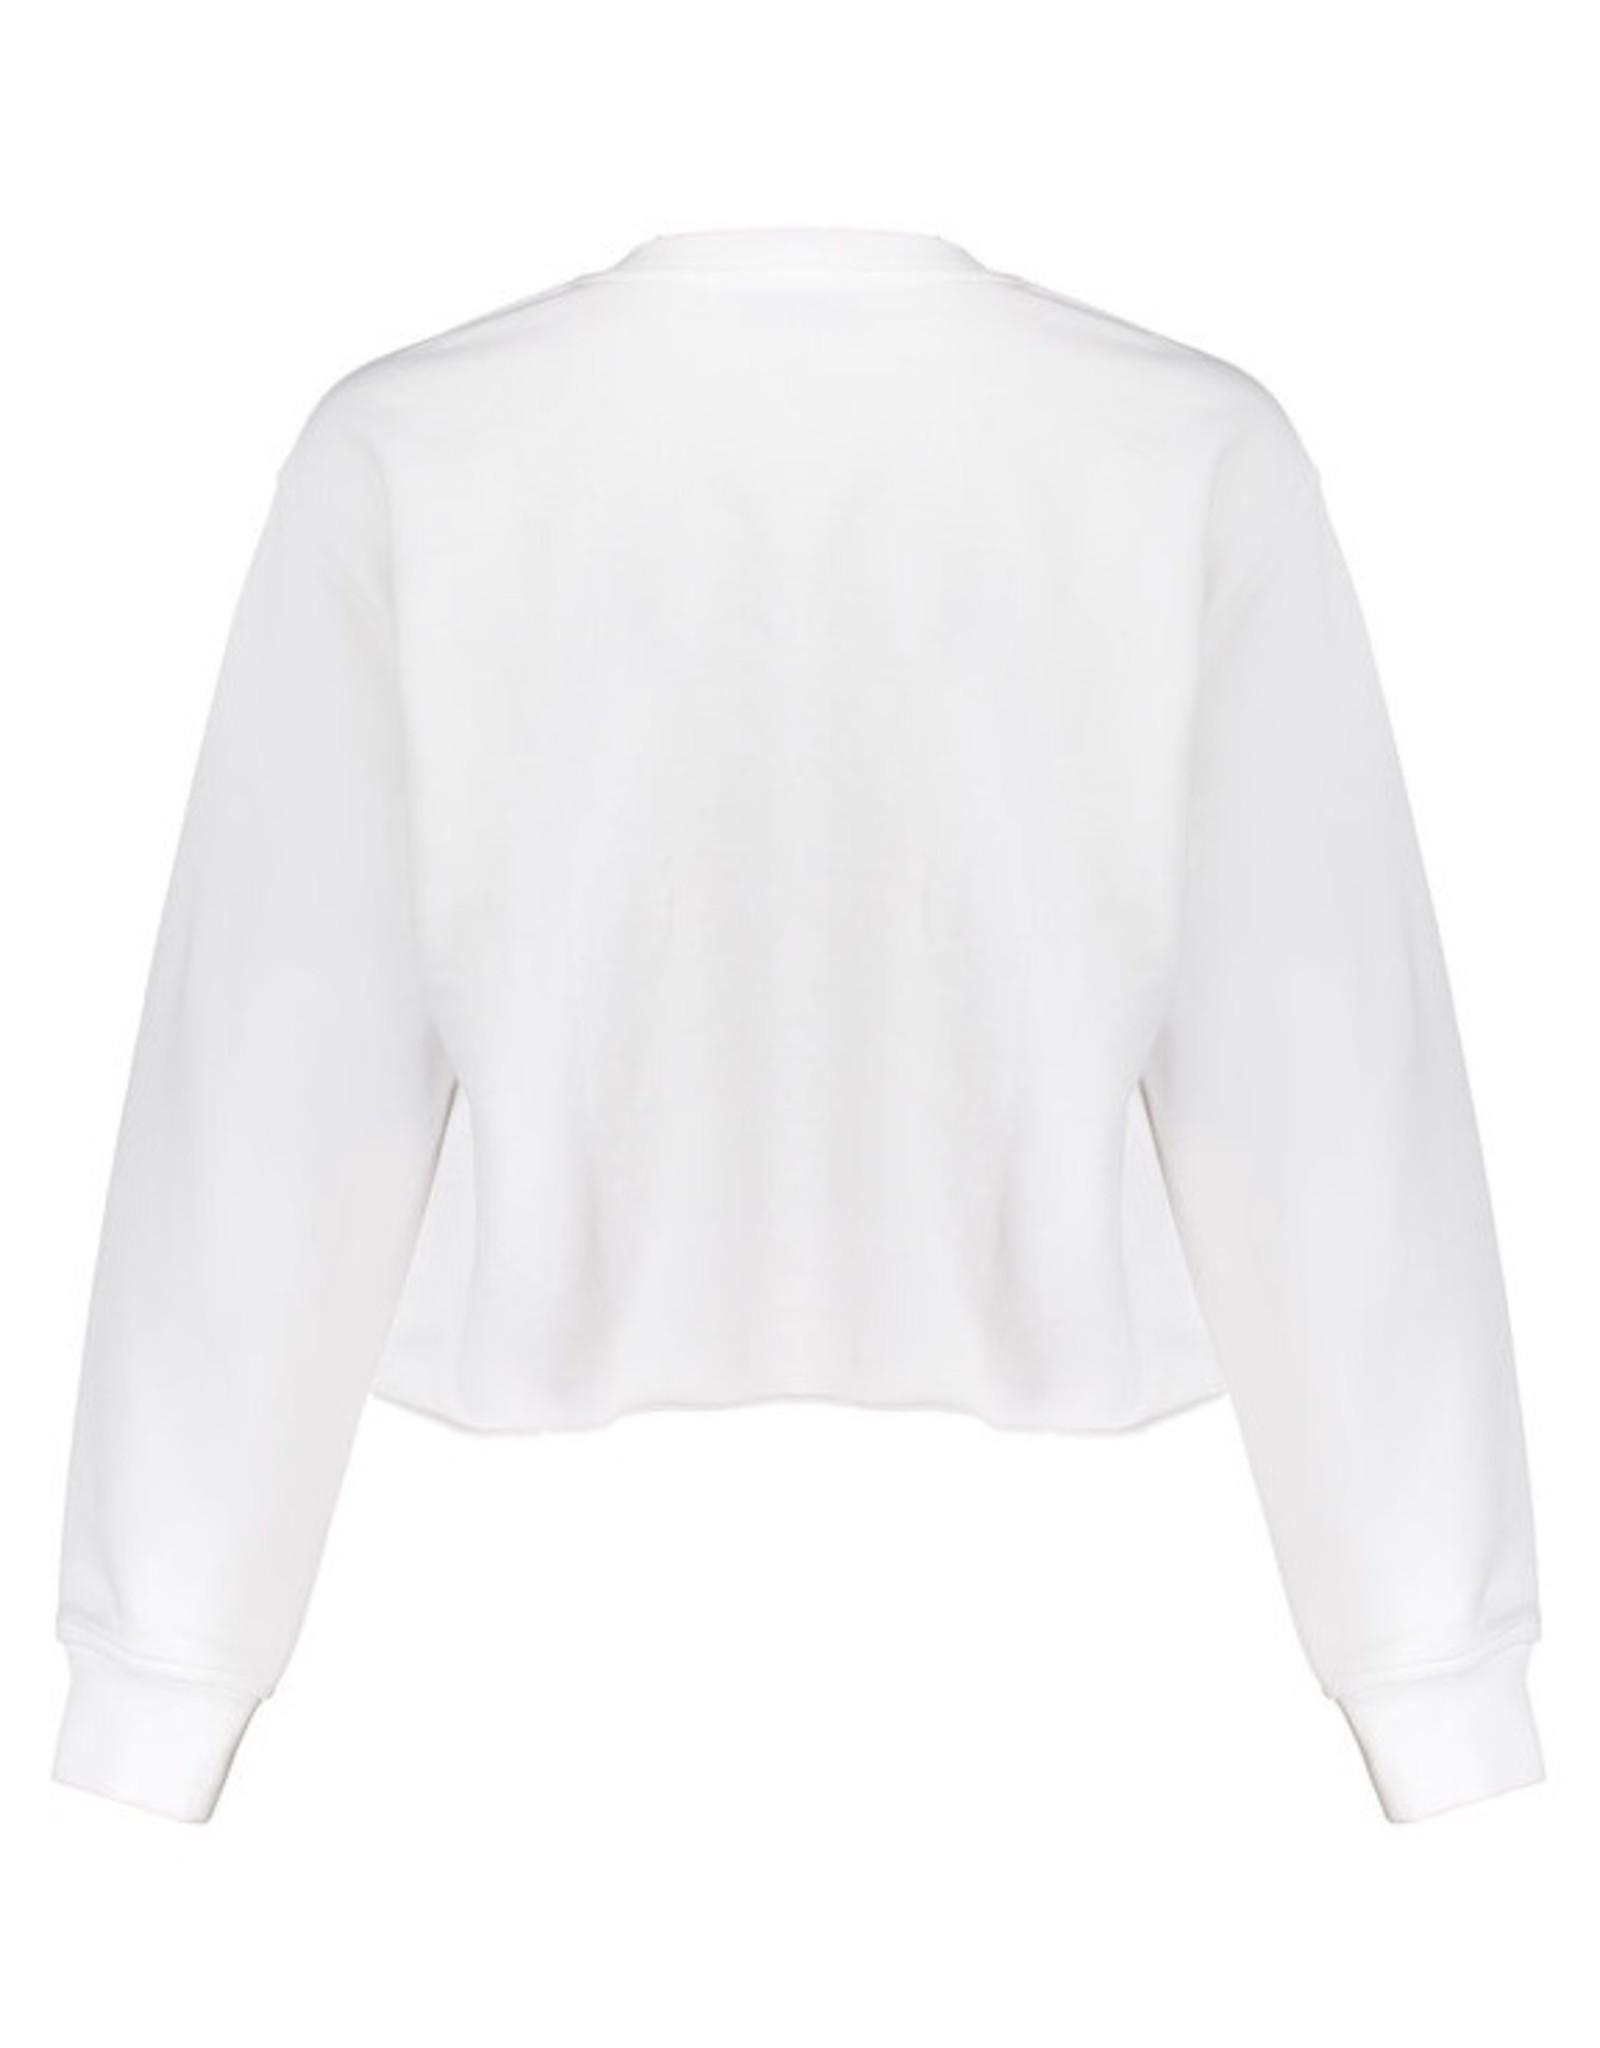 Frankie & Liberty Siena Sweater